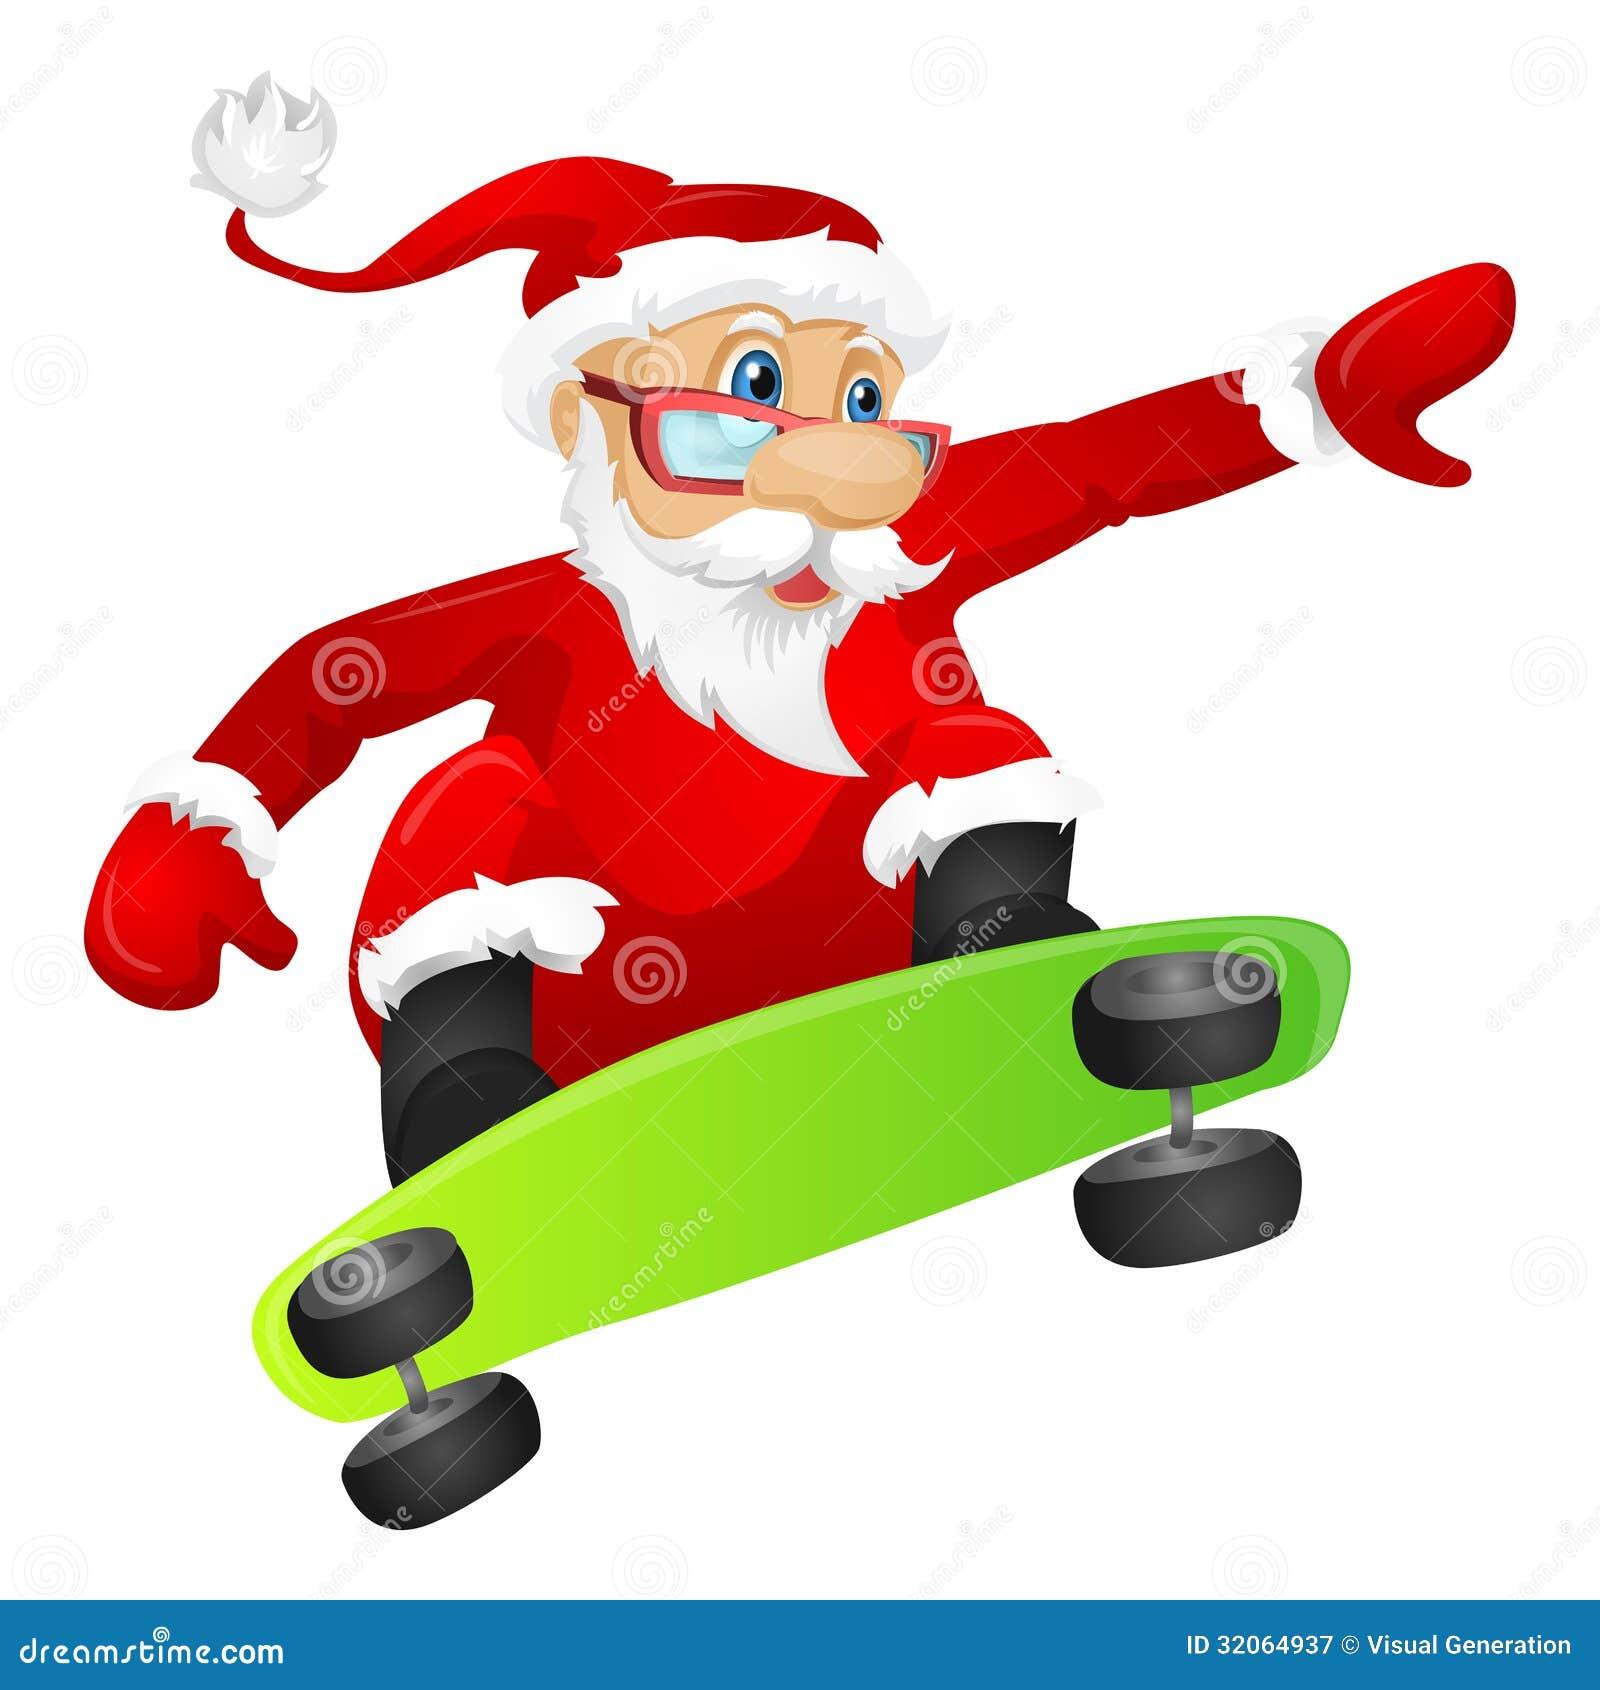 Santa Claus Royalty Free Stock graphy Image